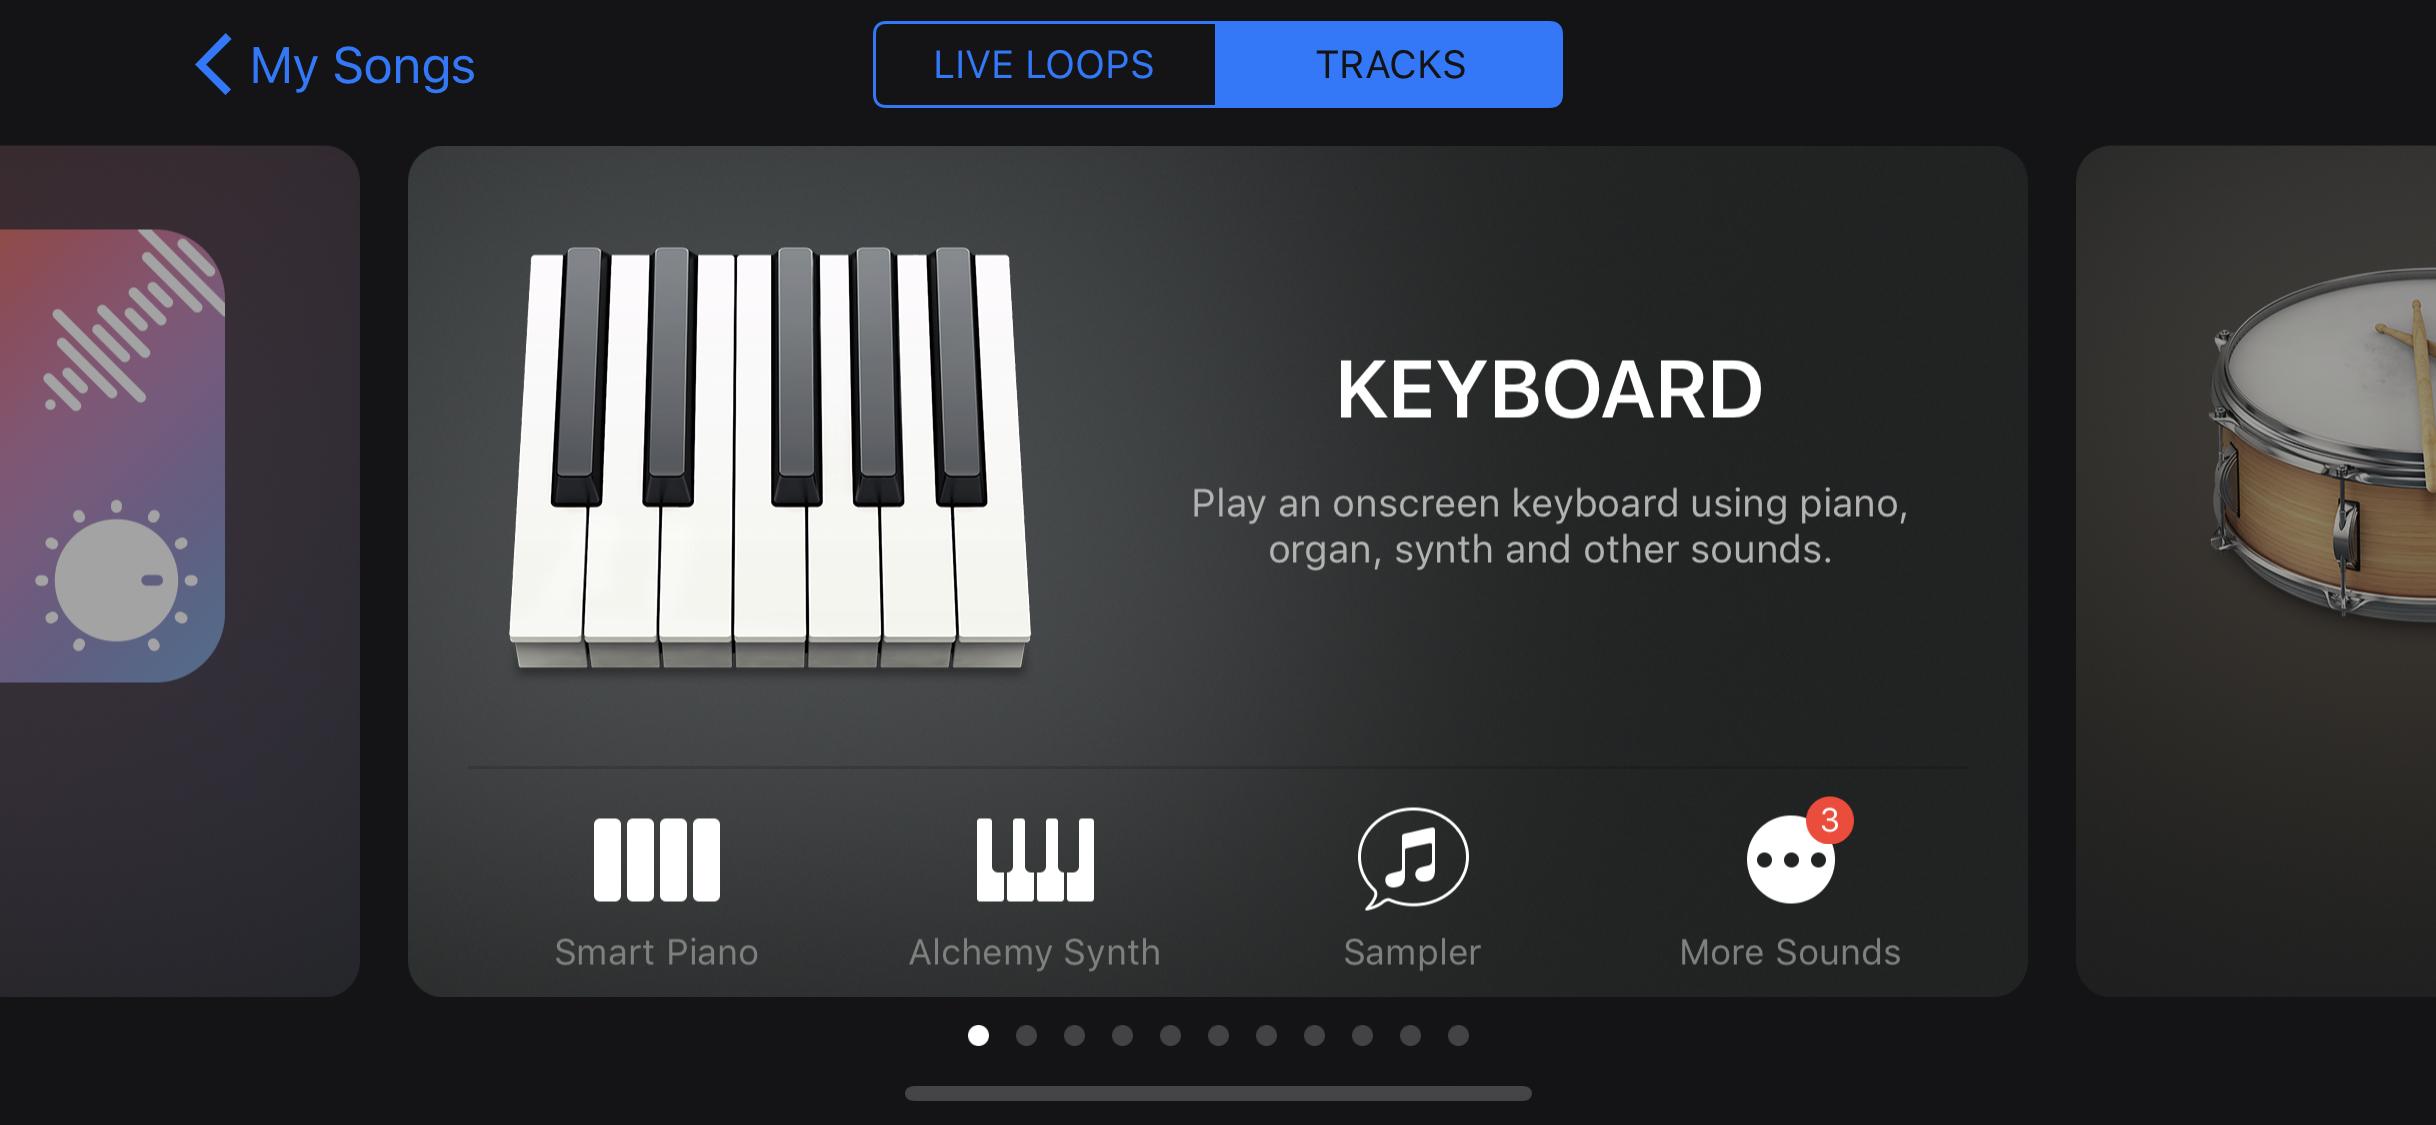 """<span href=""""https://9to5mac.com/2017/11/10/iphone-ipad-custom-ringtones-make-ringtone-garageband/"""">Cómo hacer un tono de timbre personalizado para tu iPhone, con GarageBand en iOS</a>"""